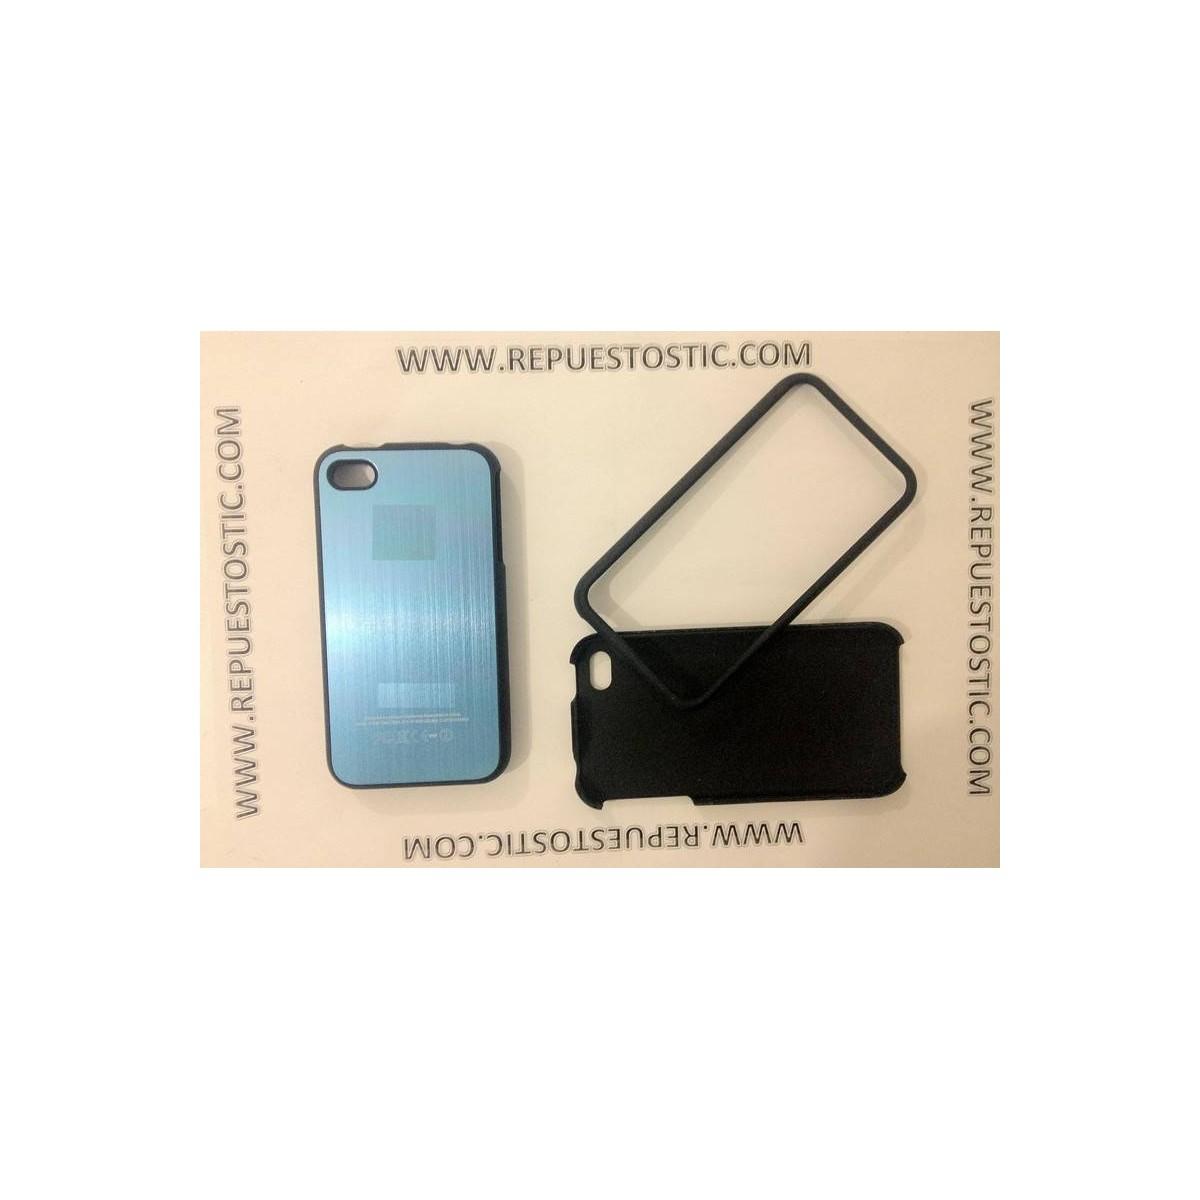 Funda iPhone 4G/S de 2 partes, de metal, color azul clarito